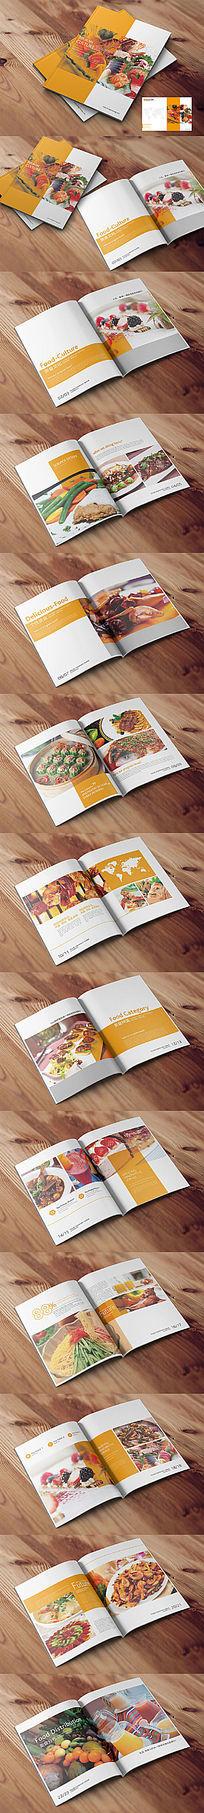 时尚橙色美食画册